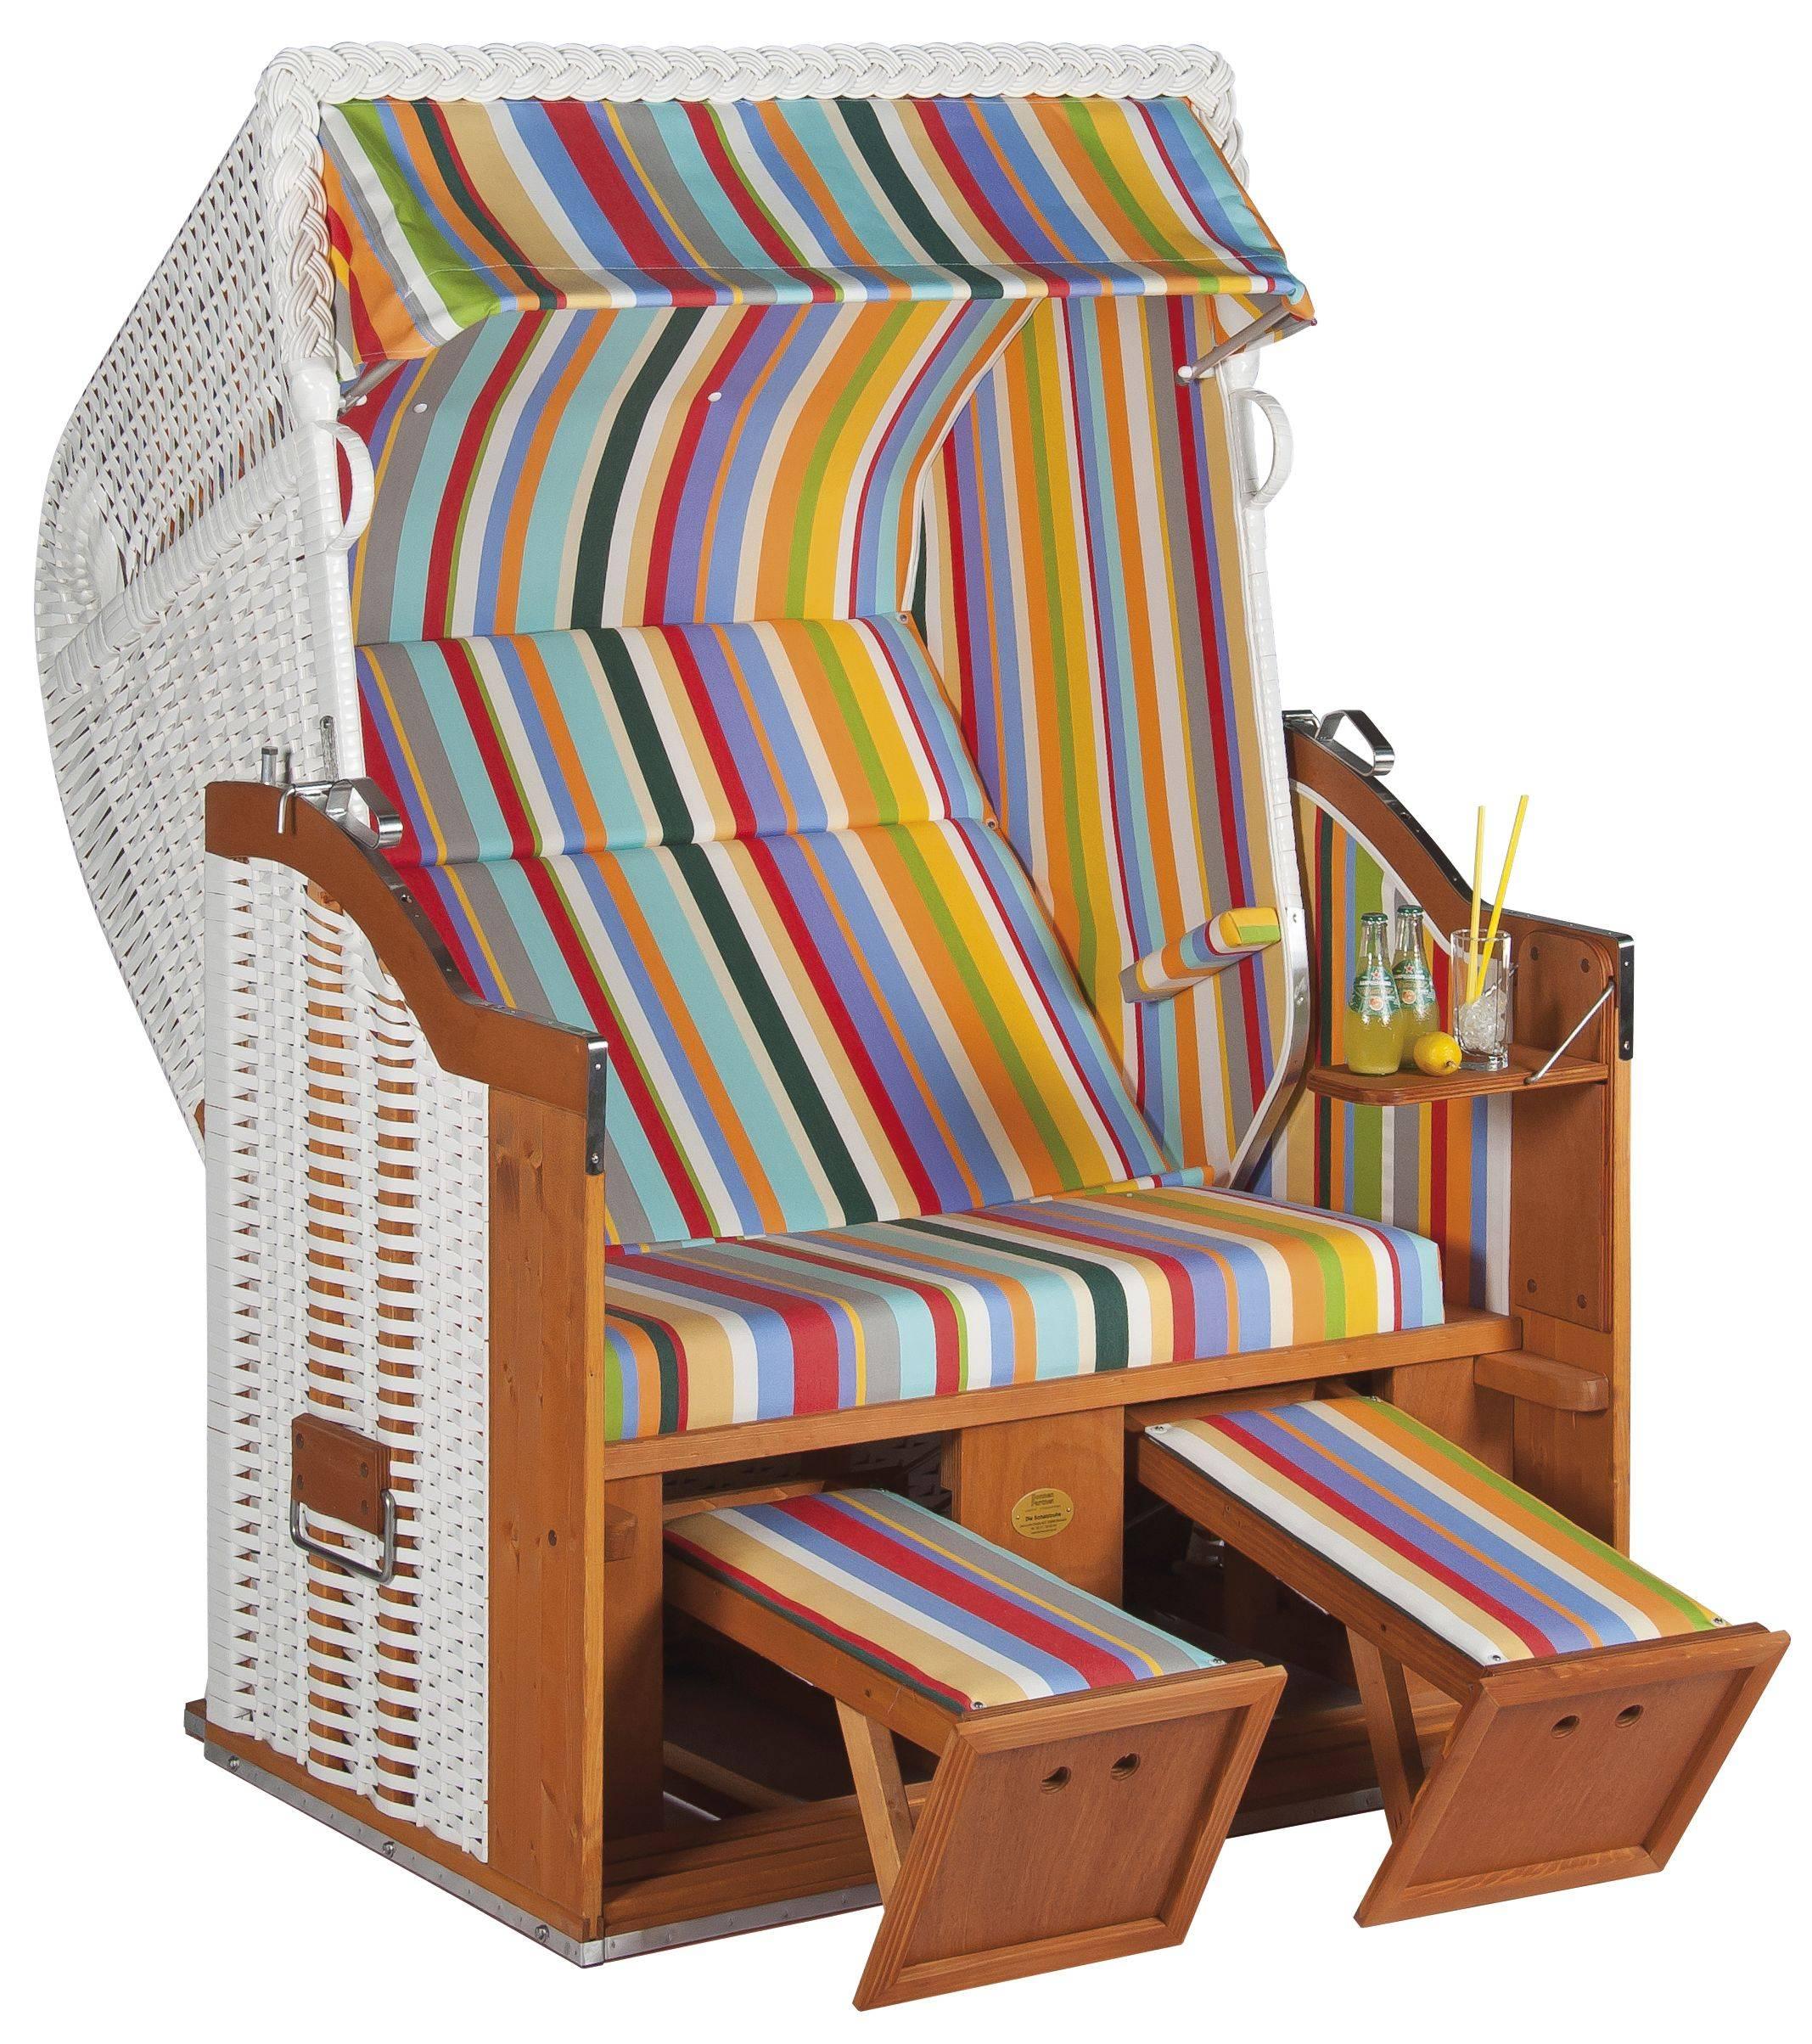 ostsee strandkorb 39 classic 39 von sonnenpartner kaufen ak gartentr ume. Black Bedroom Furniture Sets. Home Design Ideas